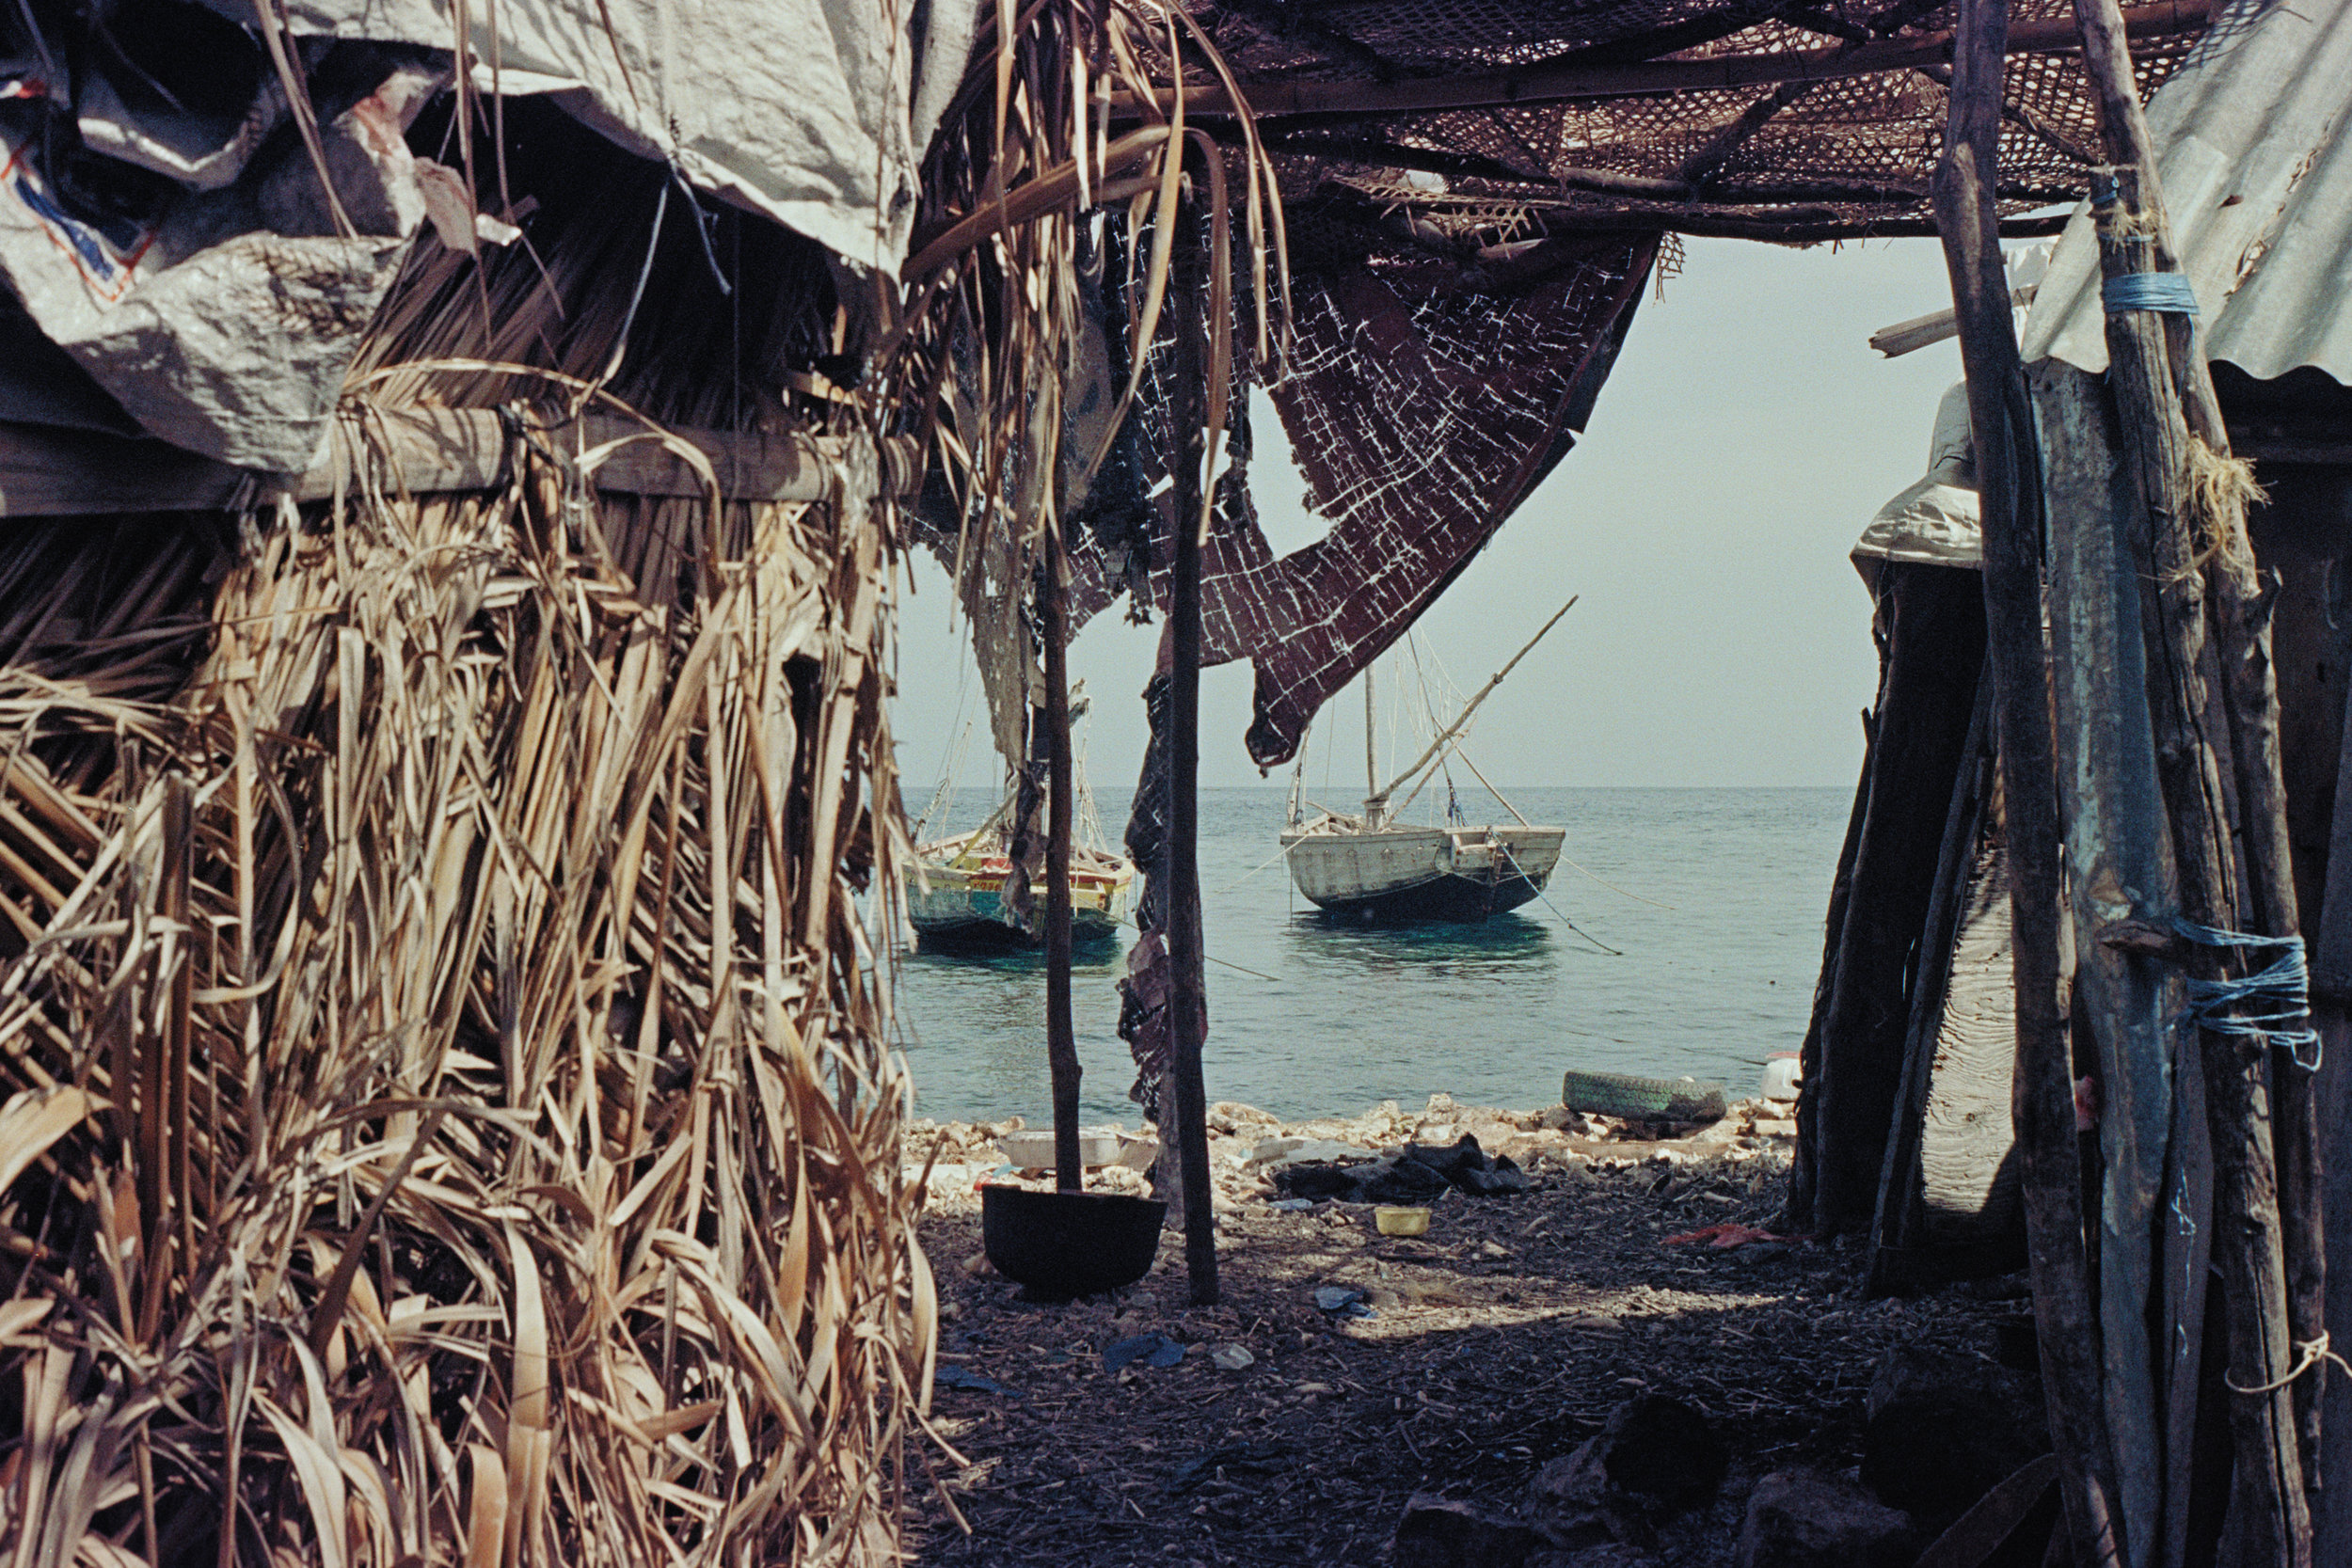 071819_Bahamas and Haiti_selects-34.jpg